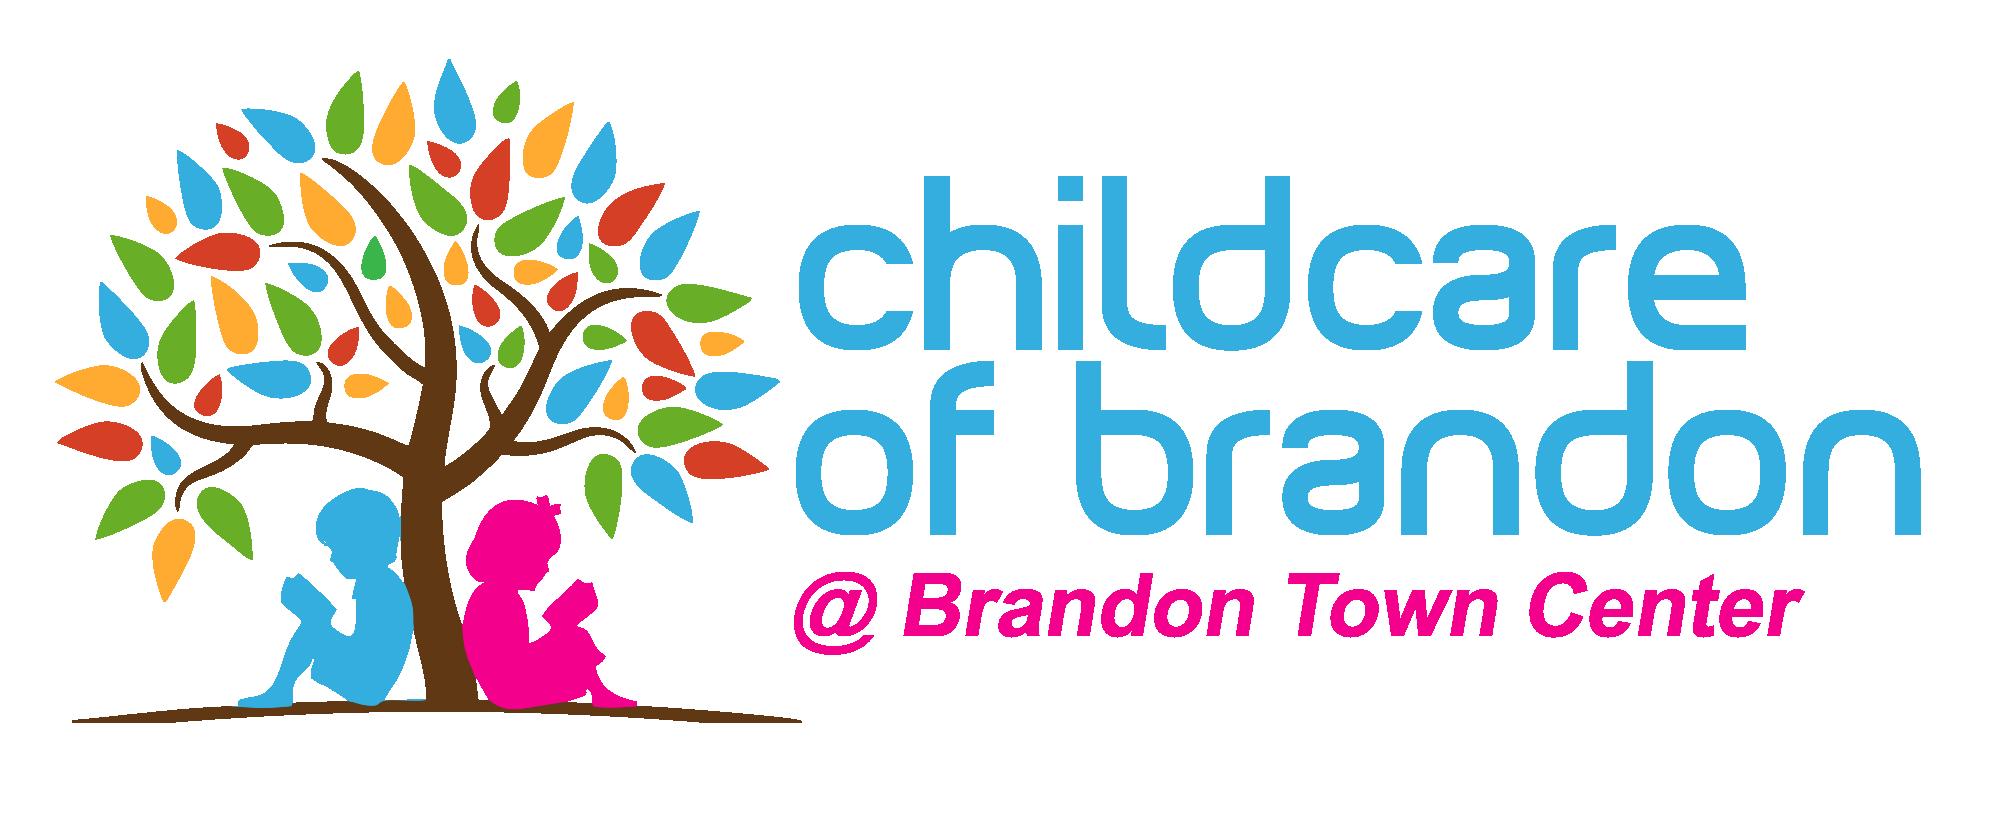 Childcare of brandon fl. Clipart train daycare